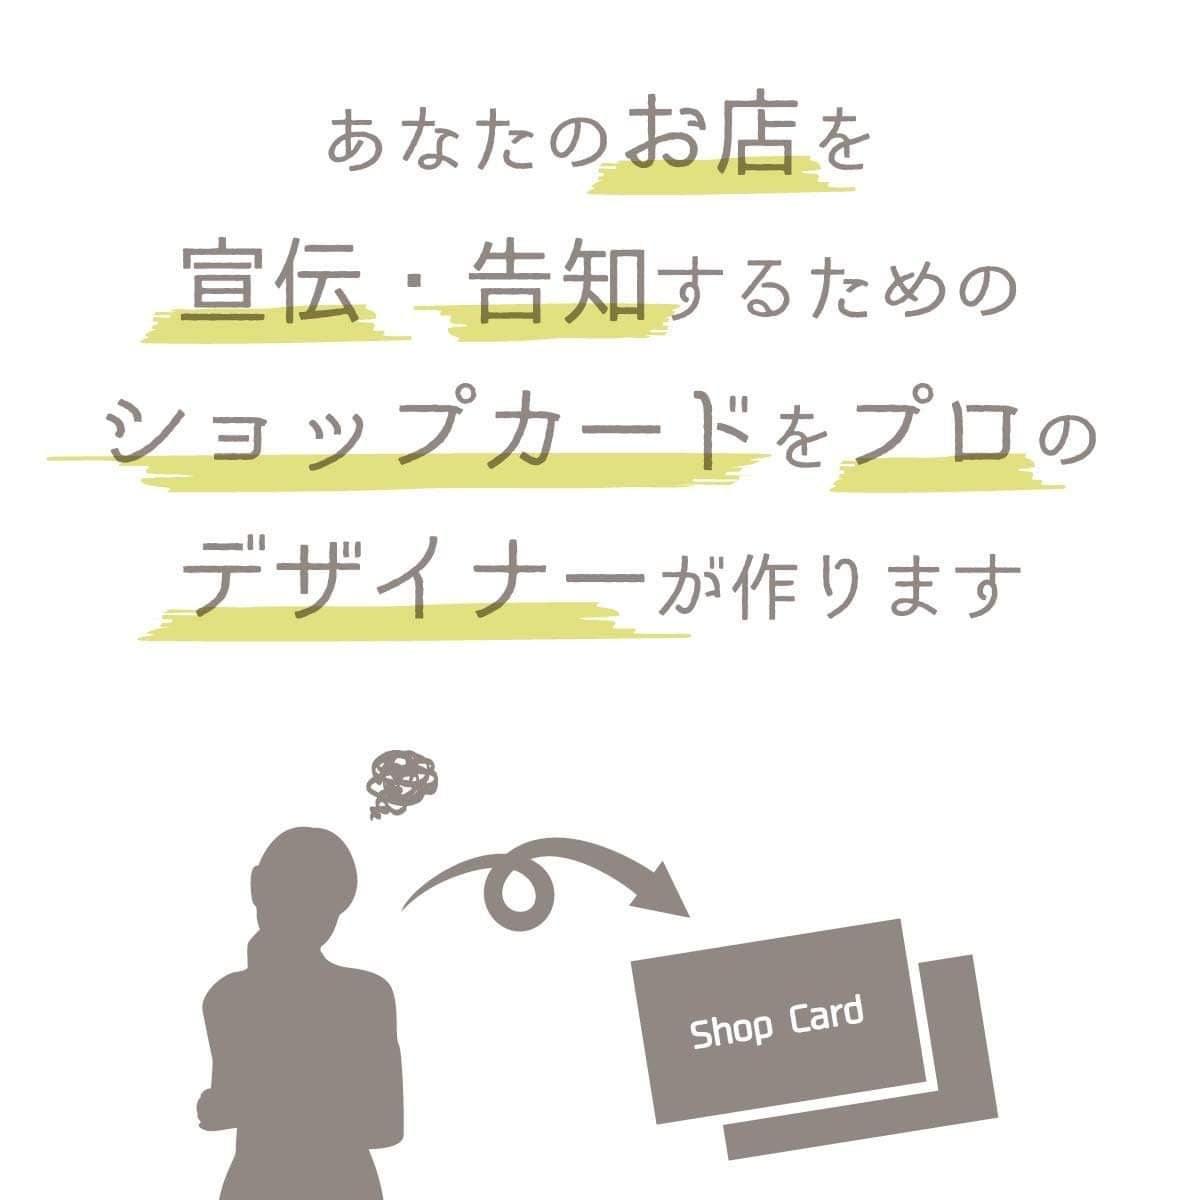 ショップカードデザイン作成(両面)のイメージその2